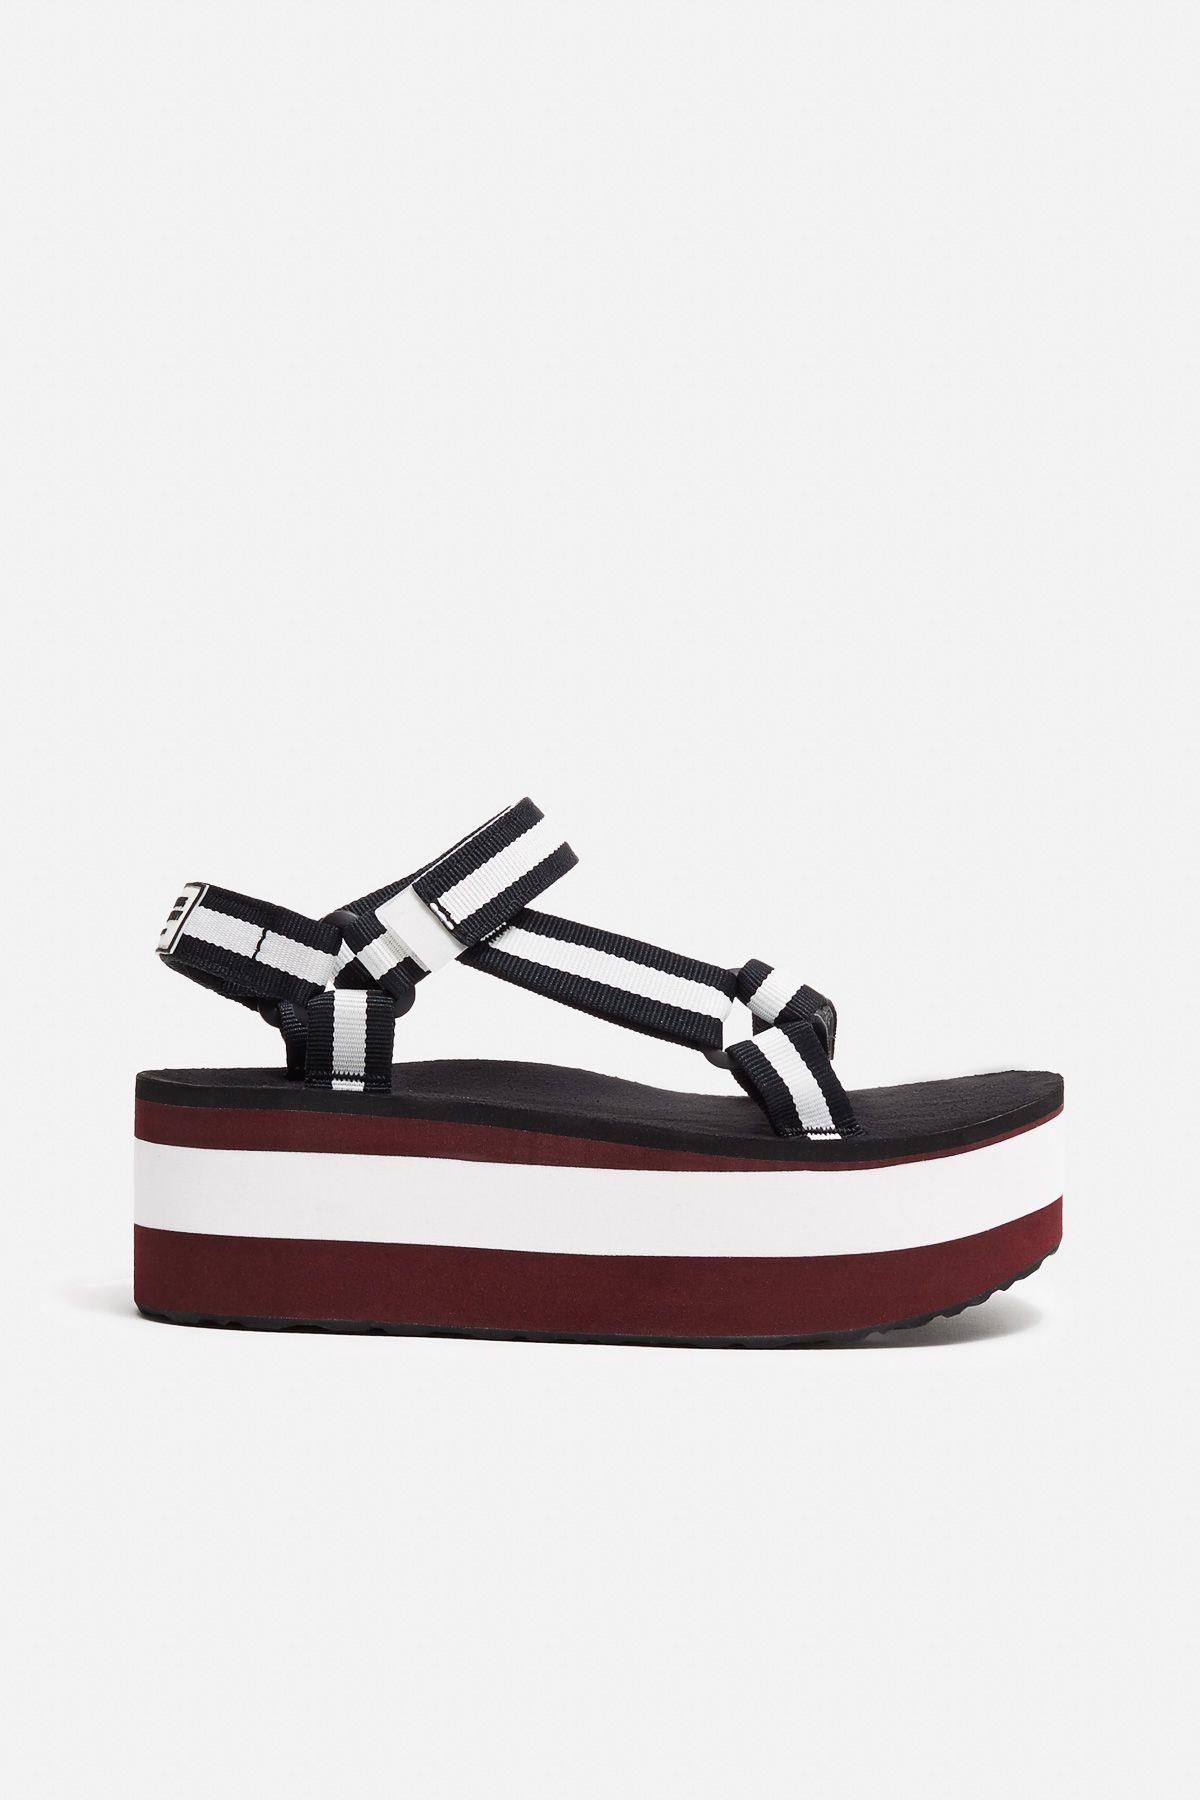 Opening Ceremony x Teva OC-Exclusive Flatform Universal Sandals - WOMEN -  Footwear - Sandals